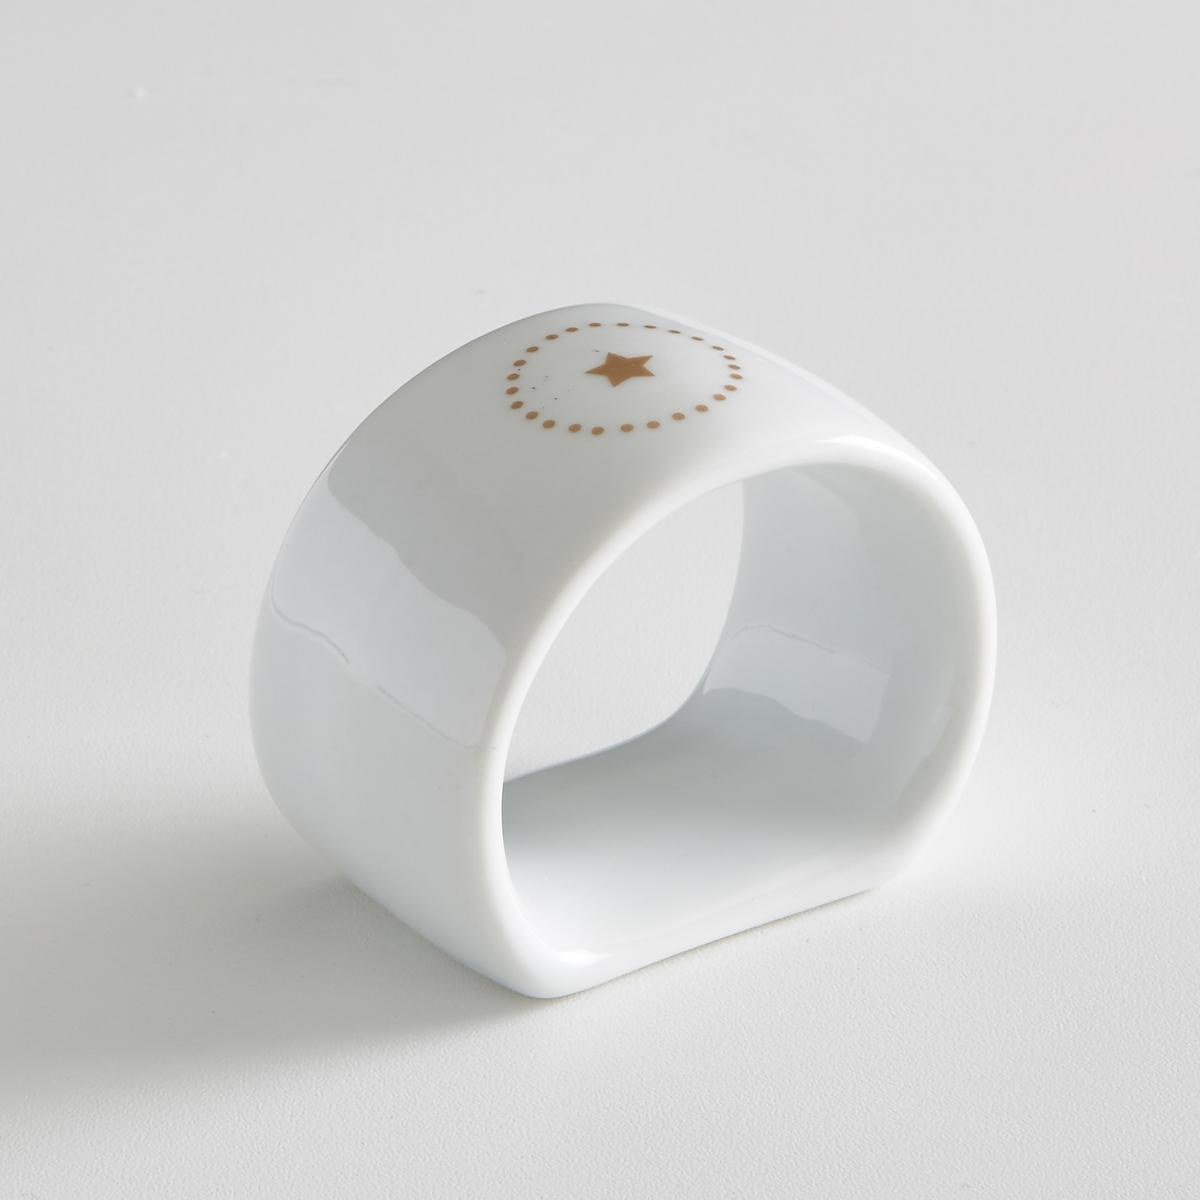 Комплект из 4 колец для салфеток, KUBLER комплект из 4 колец для салфеток kubler